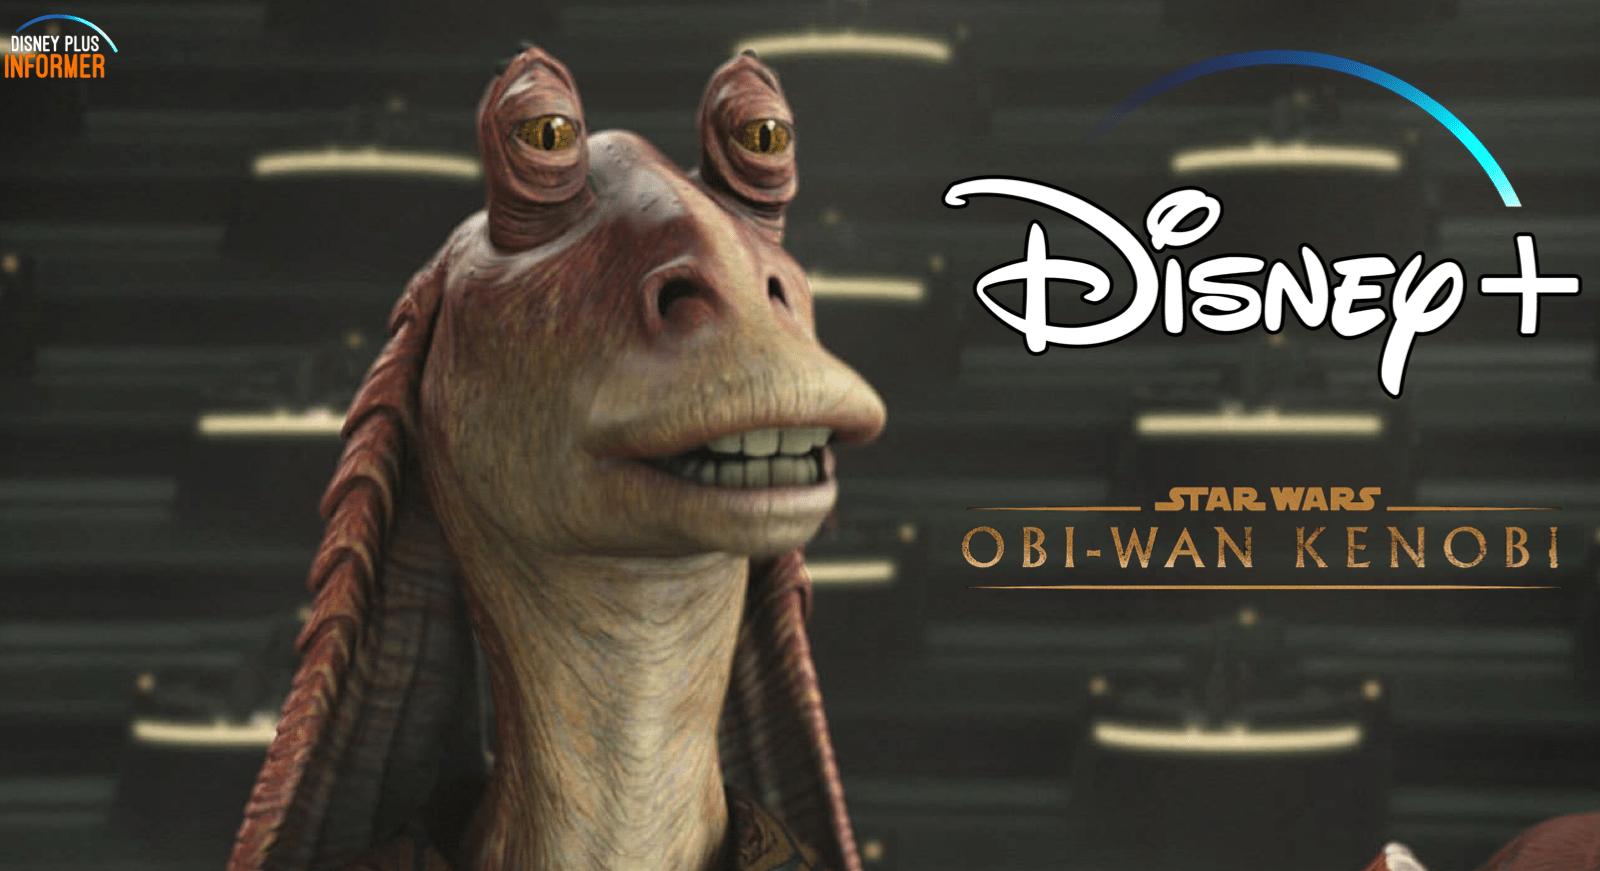 Jar Jar Binks Not Returning to Disney Plus